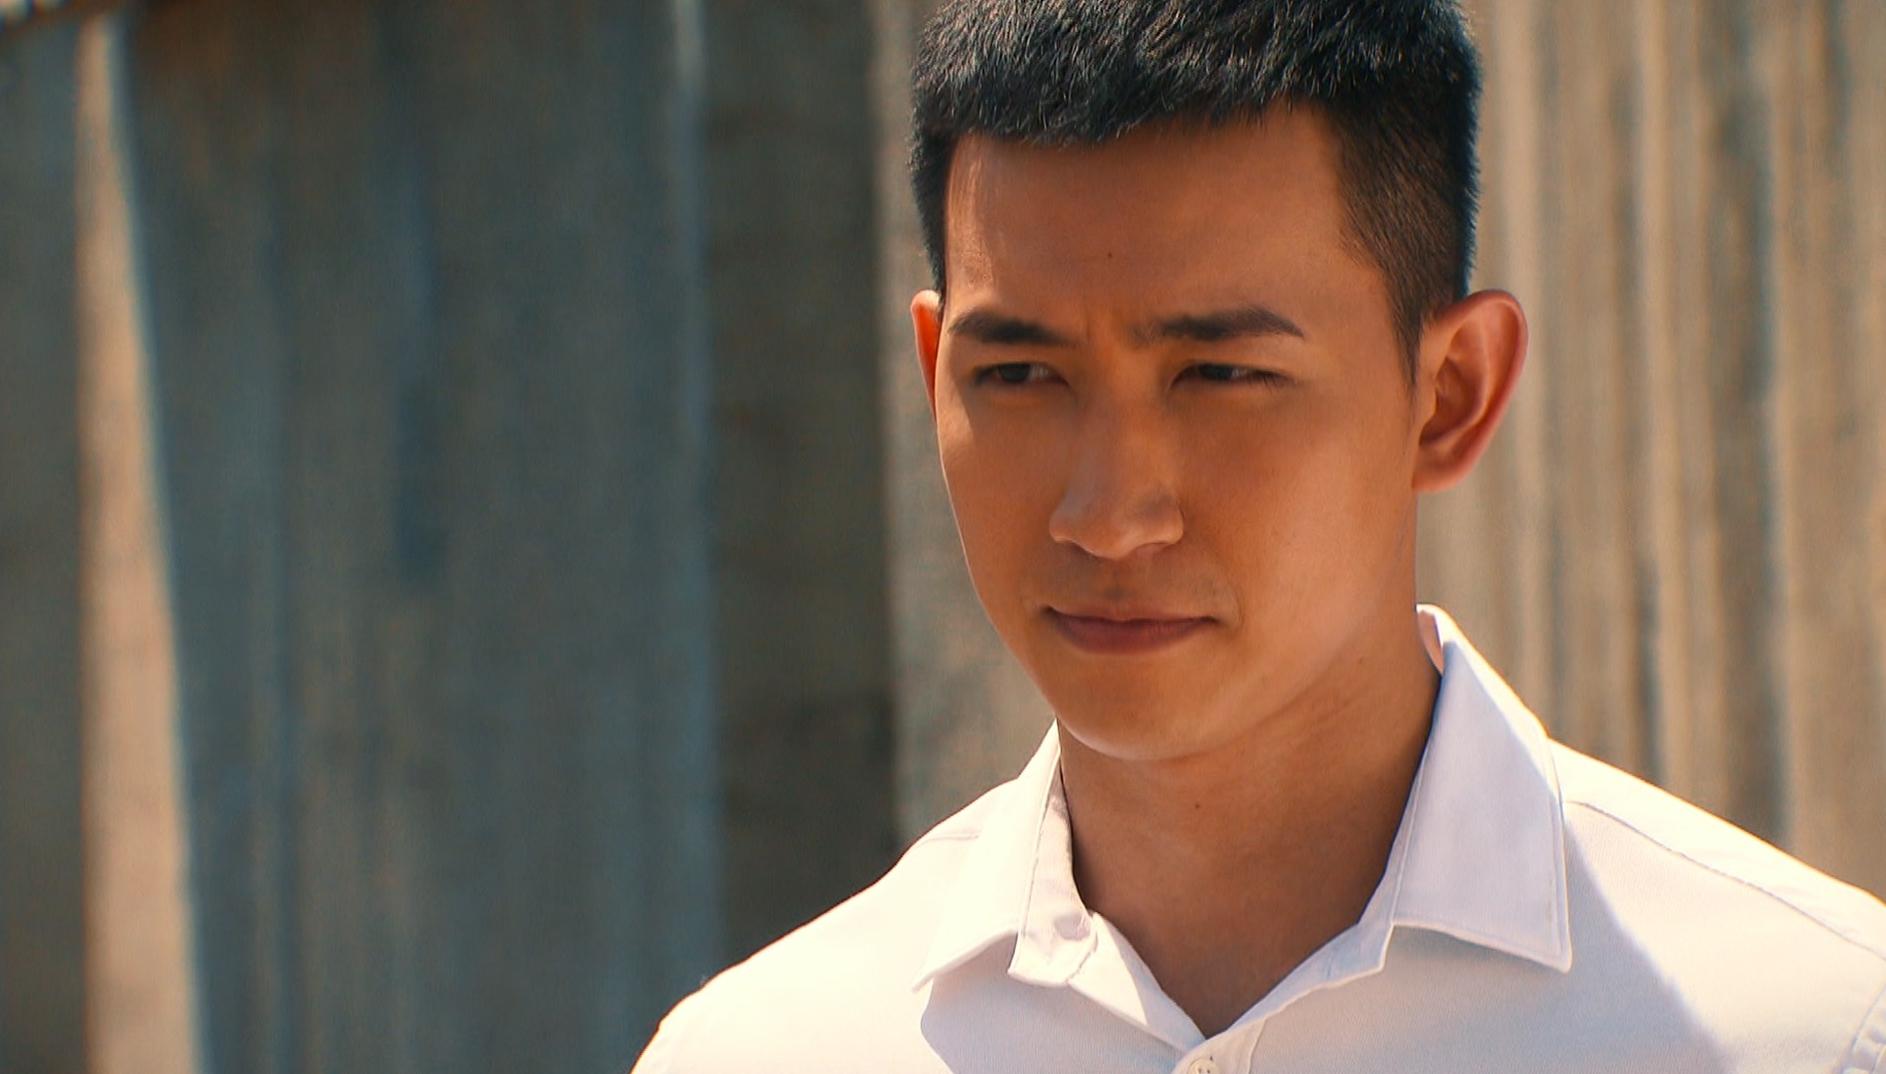 Dàn nam thần khiến hội chị em khao khát nhất màn ảnh Việt 2020: Có tổng tài, thầy giáo và cả... trai bao! - Ảnh 8.